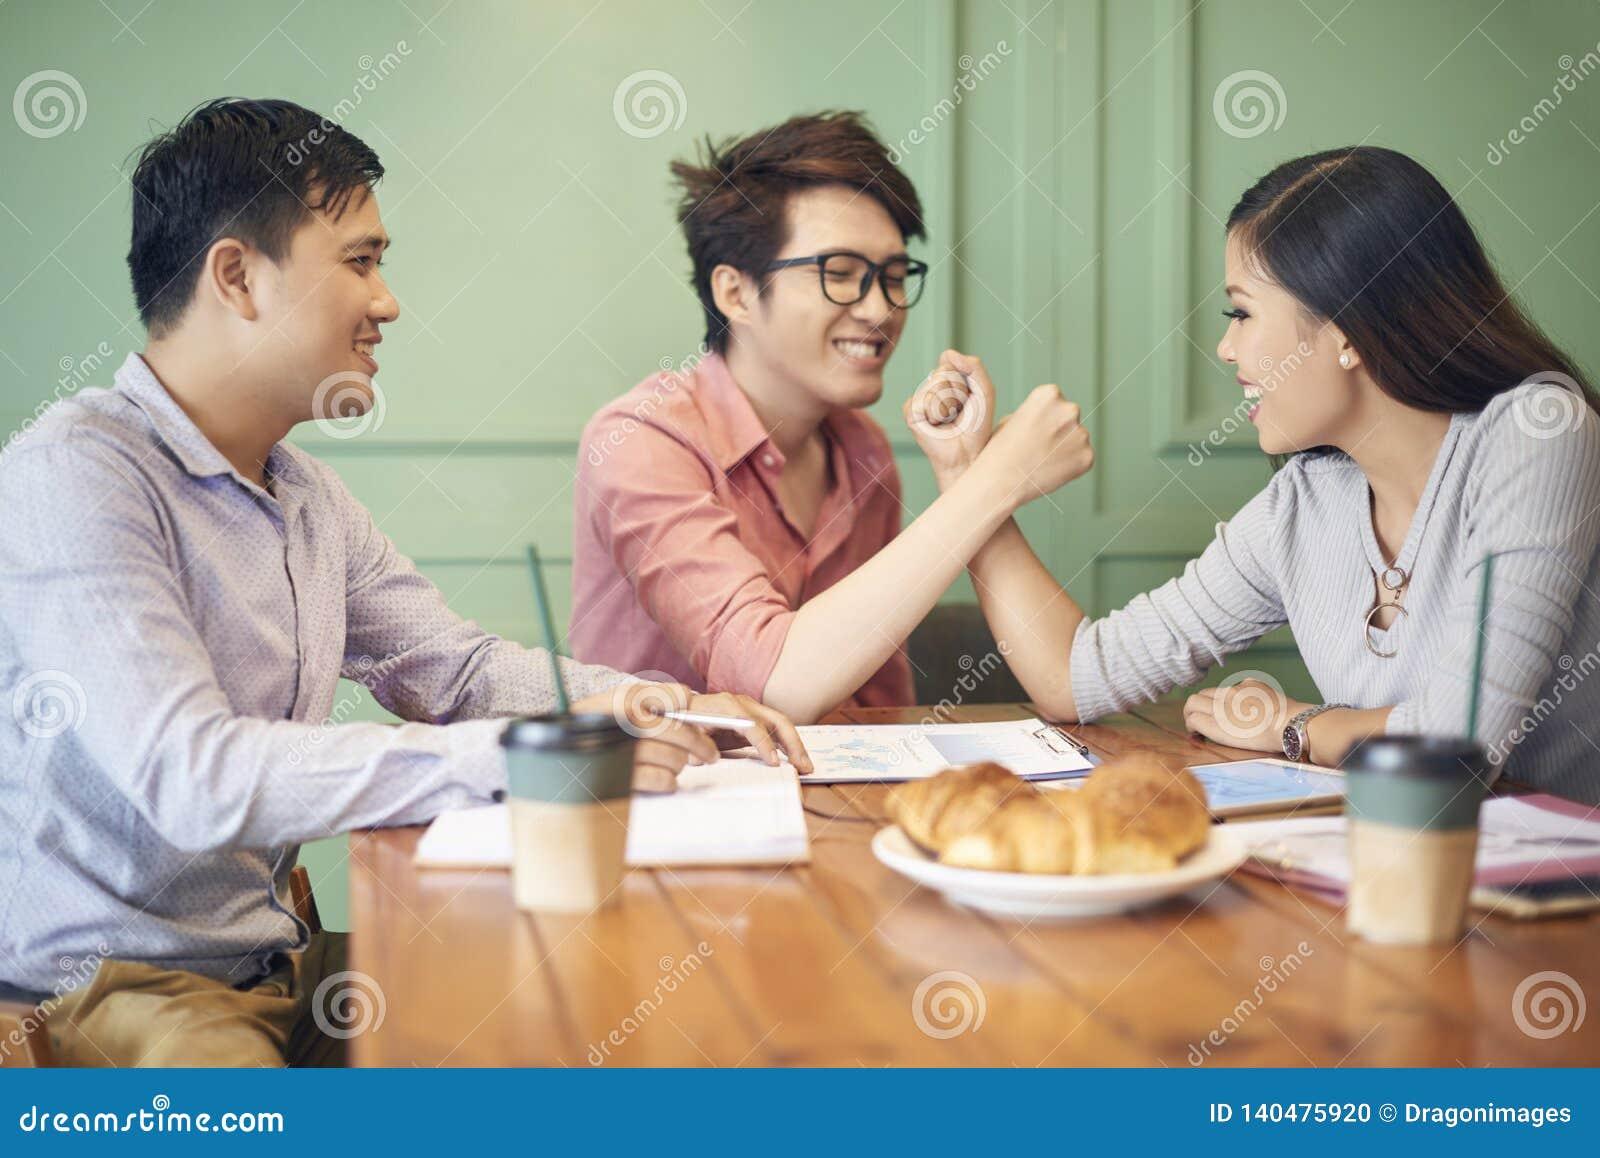 Εύθυμοι ευτυχείς συνάδελφοι στο διάλειμμα